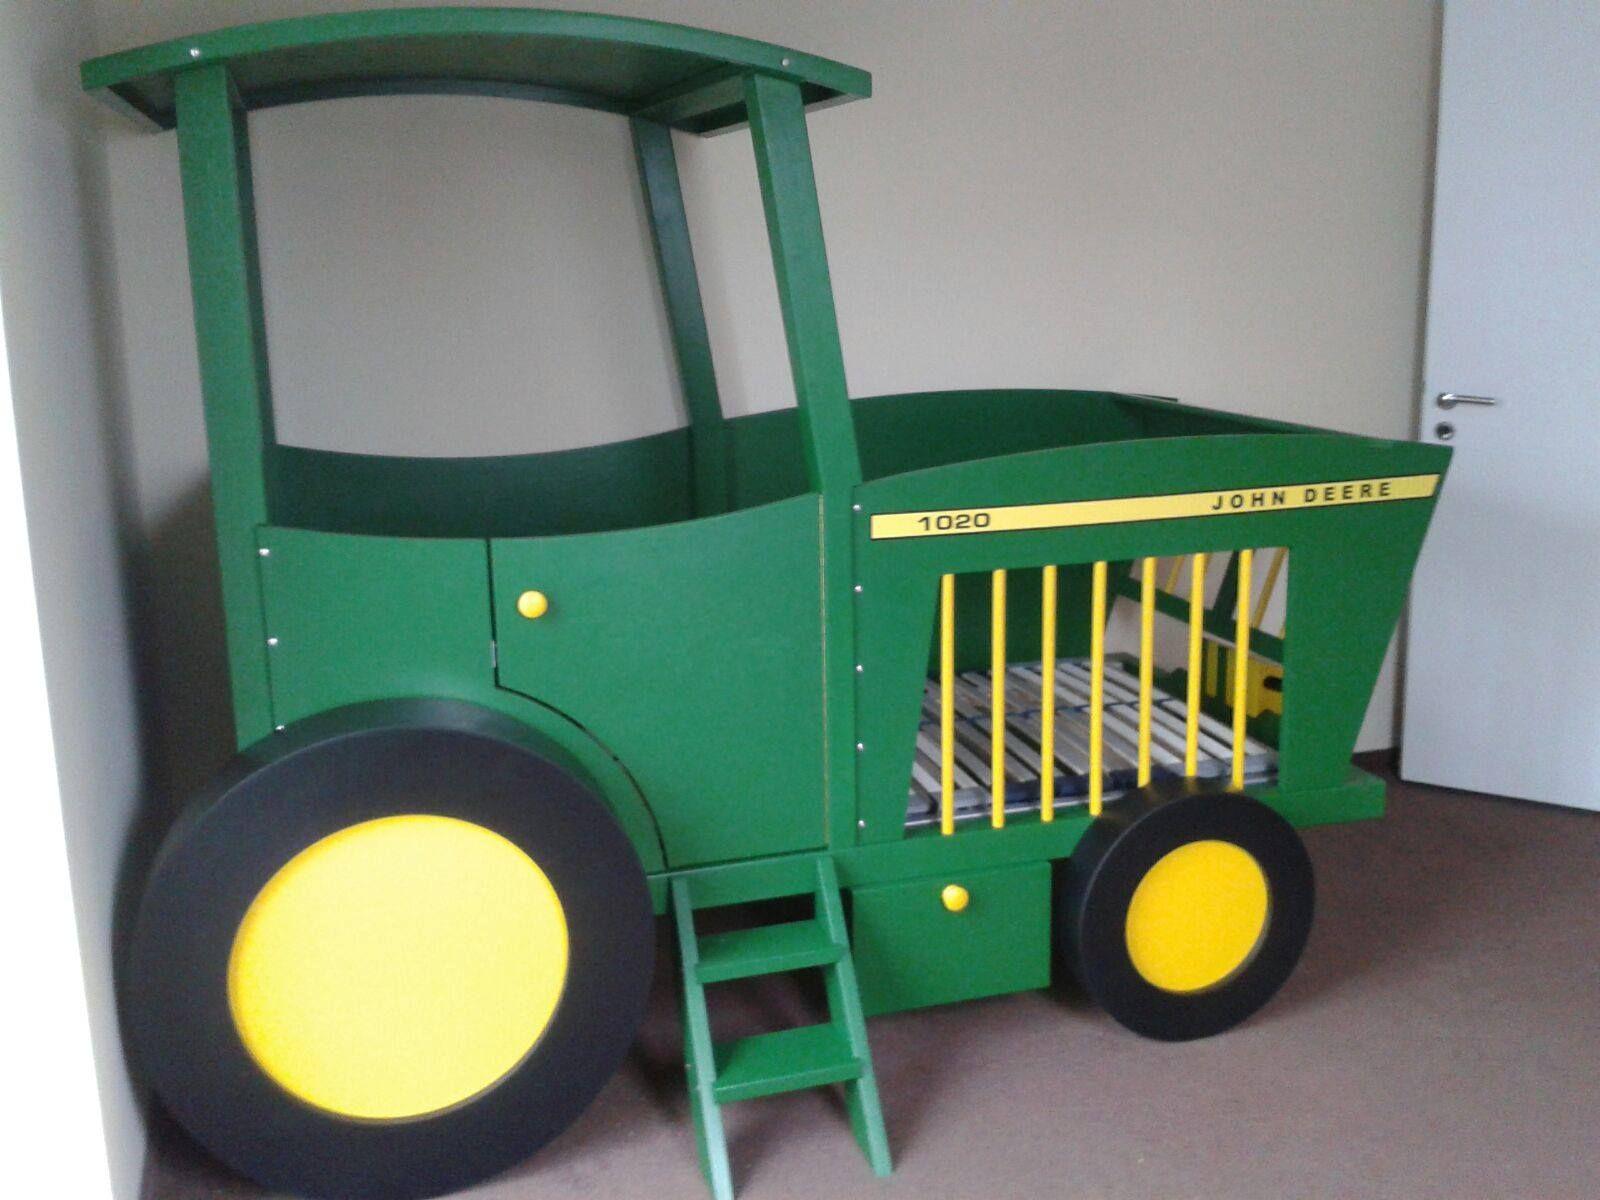 Kinderbett selber bauen traktor  zusätzlicher Stauraum | Treckerbett, Traktorbett, Kinderbett ...